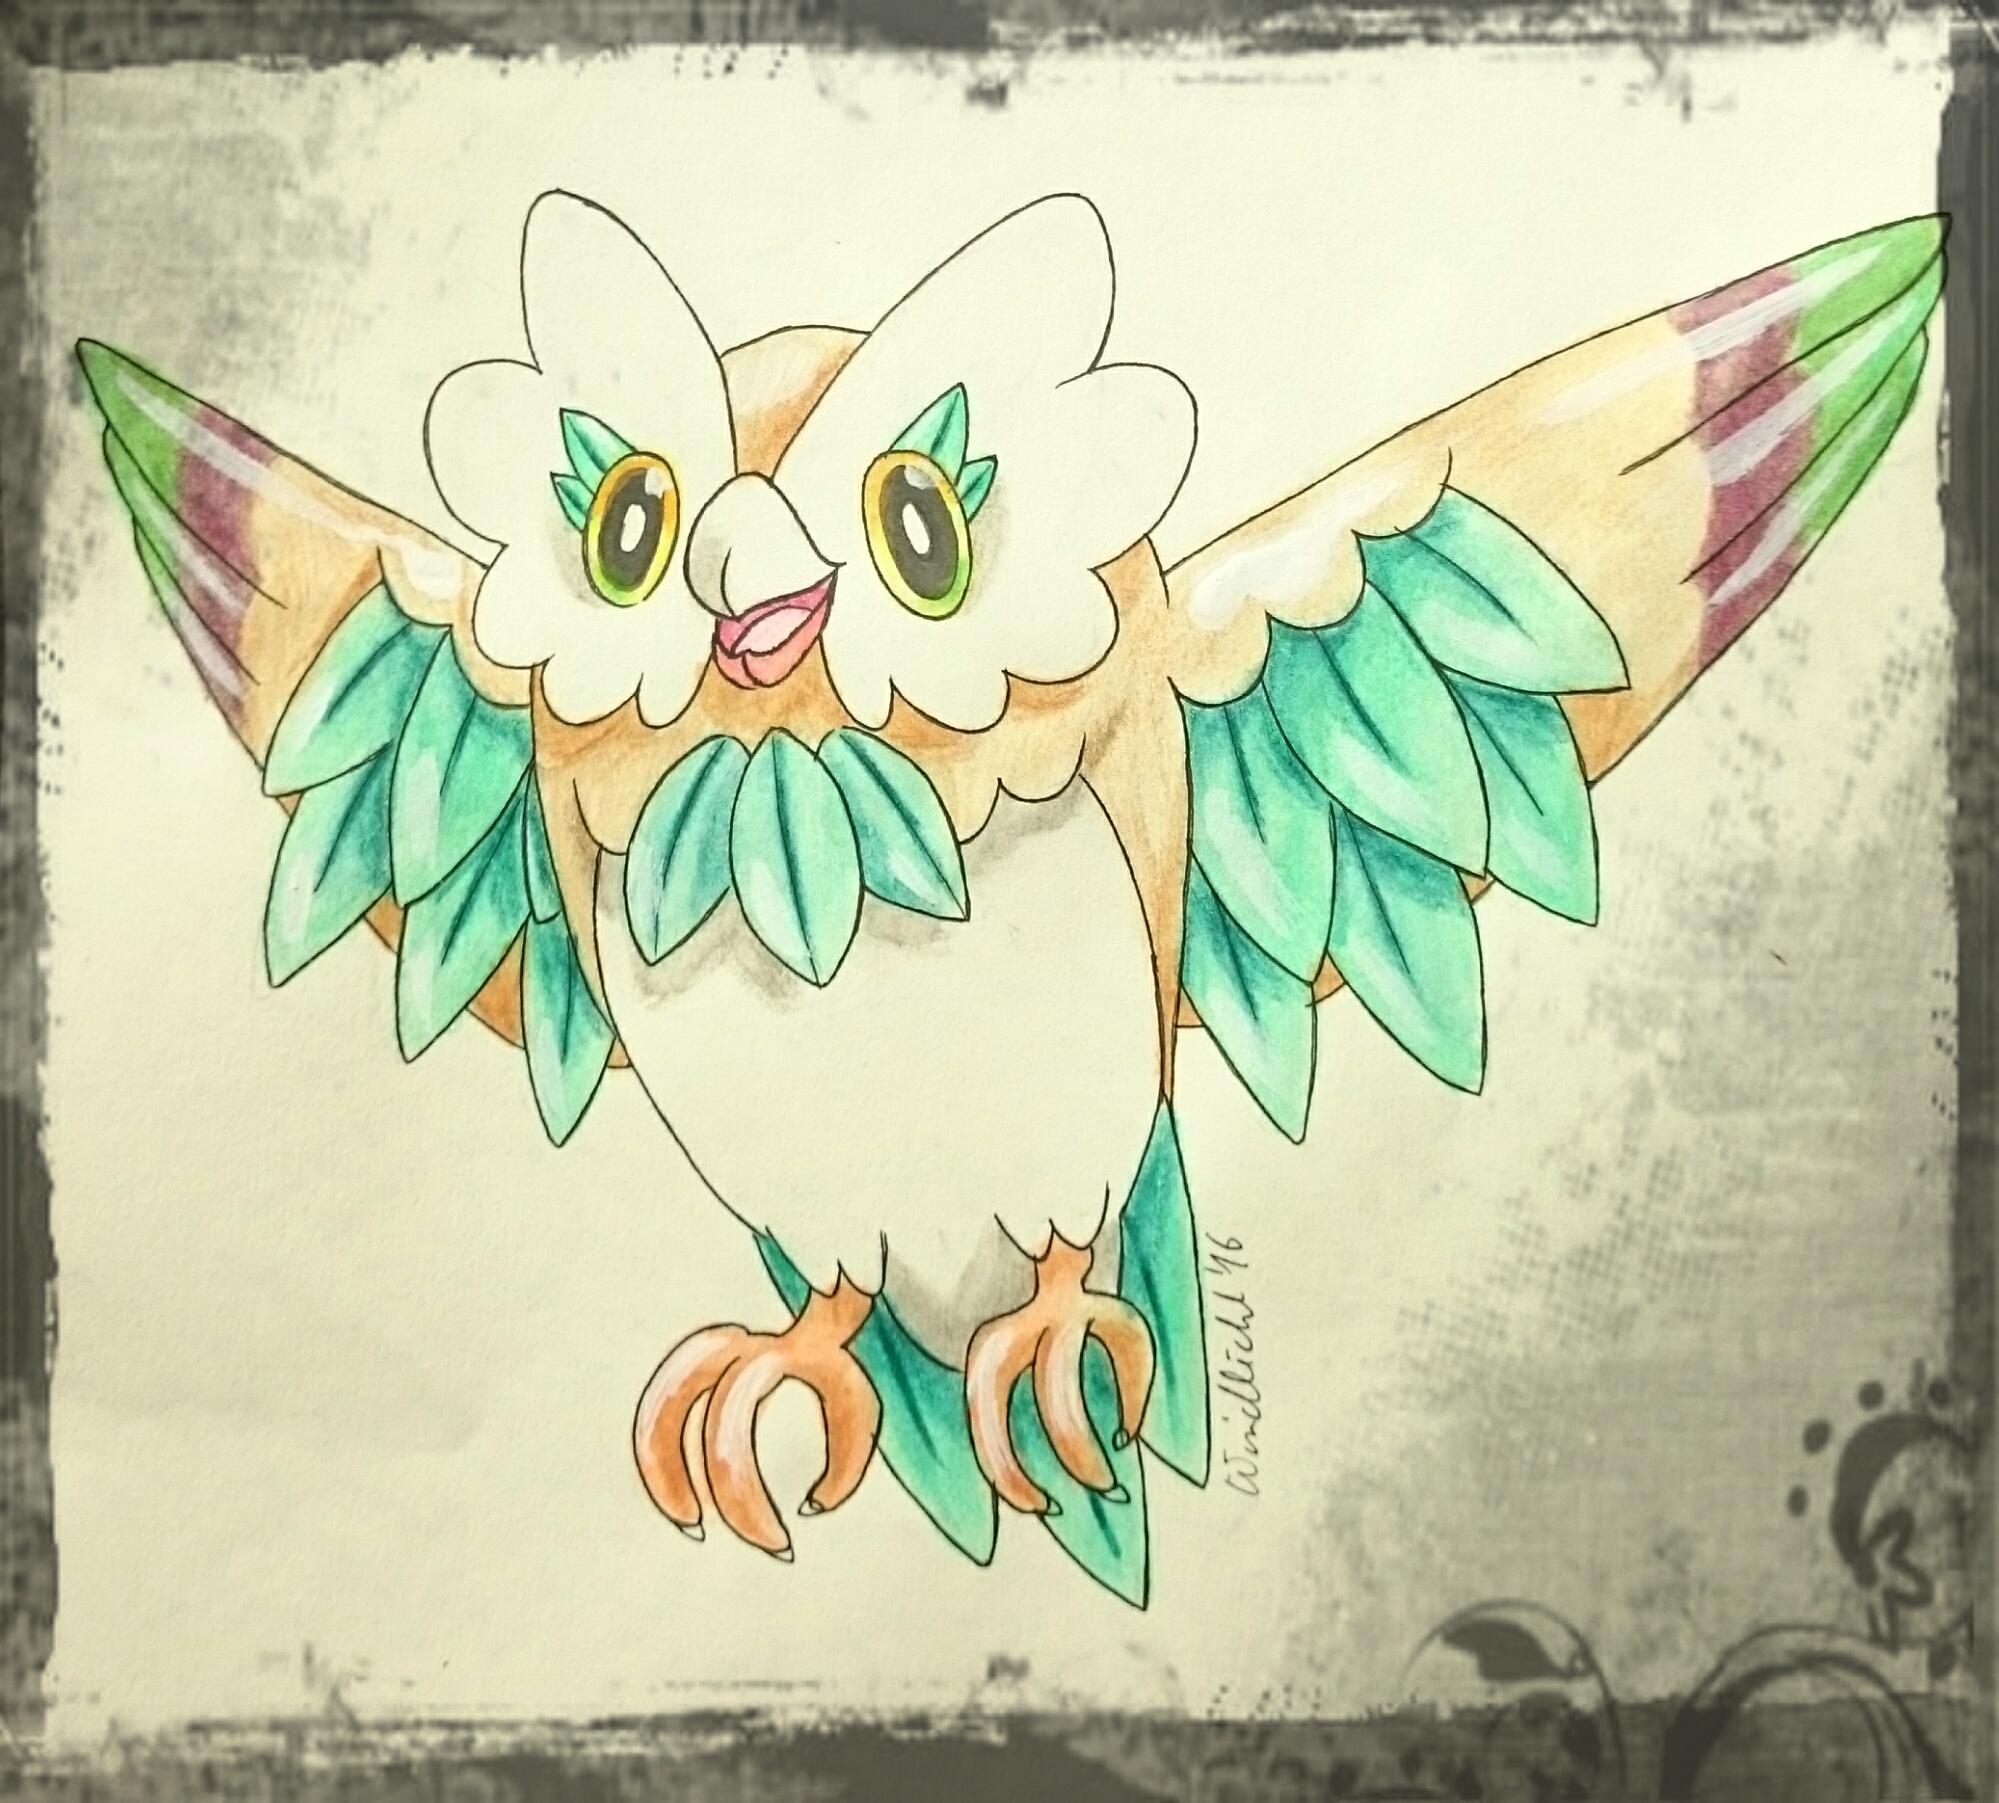 Pokémon-Zeichnung: Entwicklung von Bauz